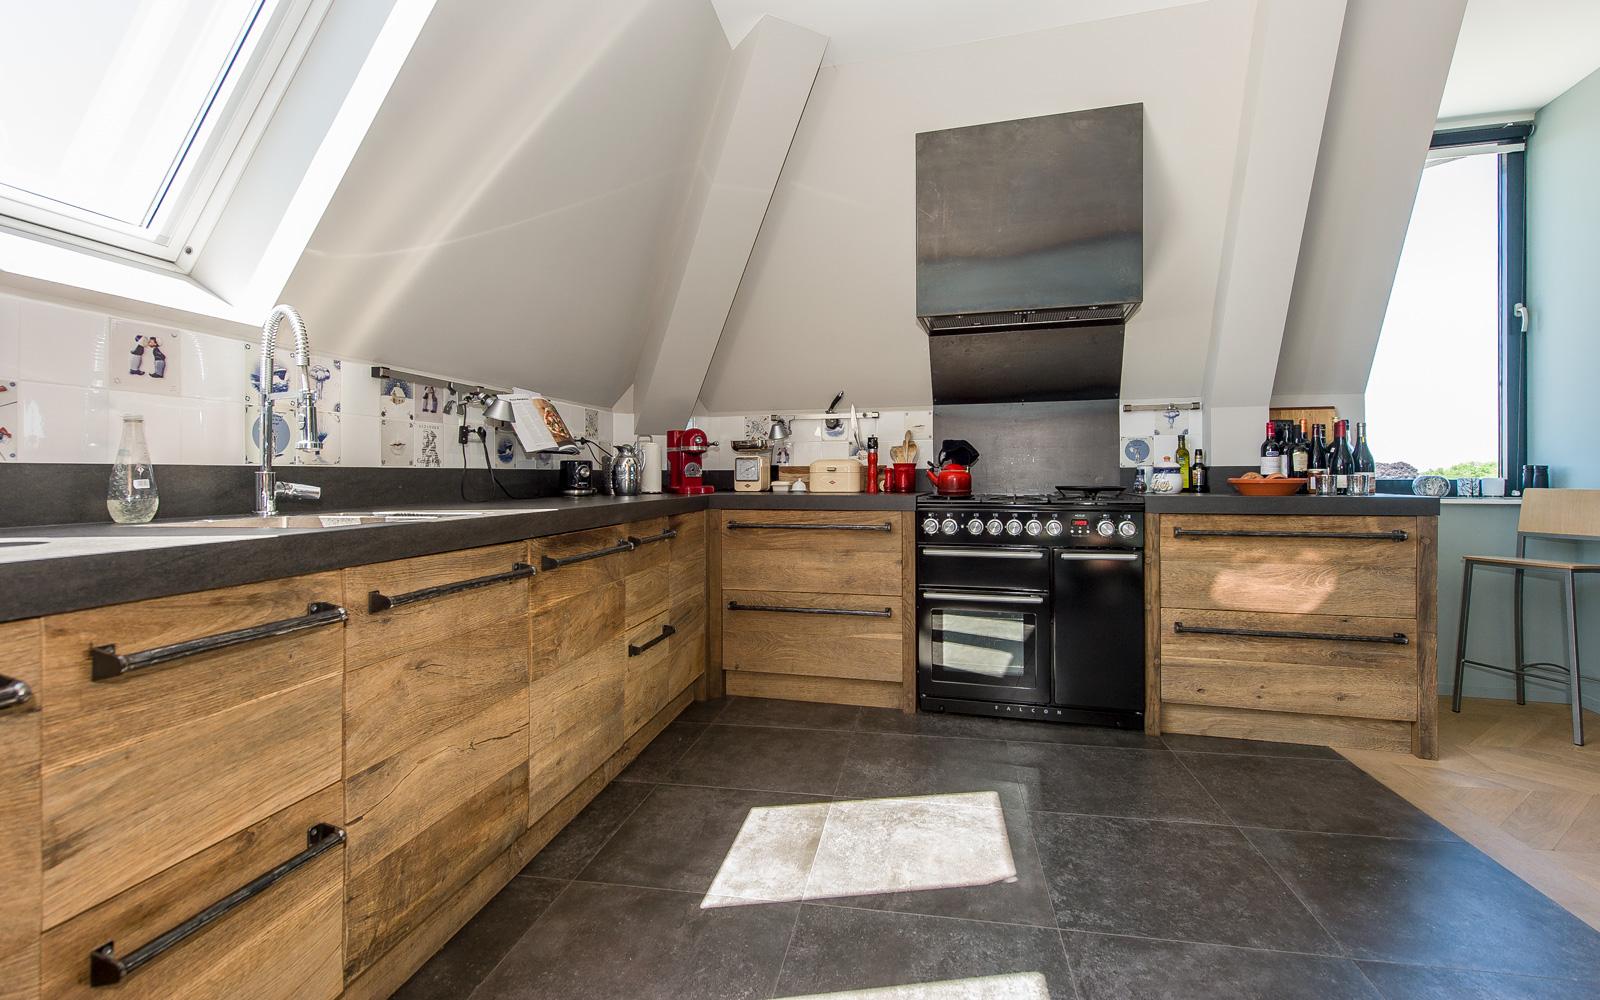 De houten keuken werd gemaakt door Restyle XL. De handvaten werden door Kunstsmederij Axel van her Horst op maat gemaakt.